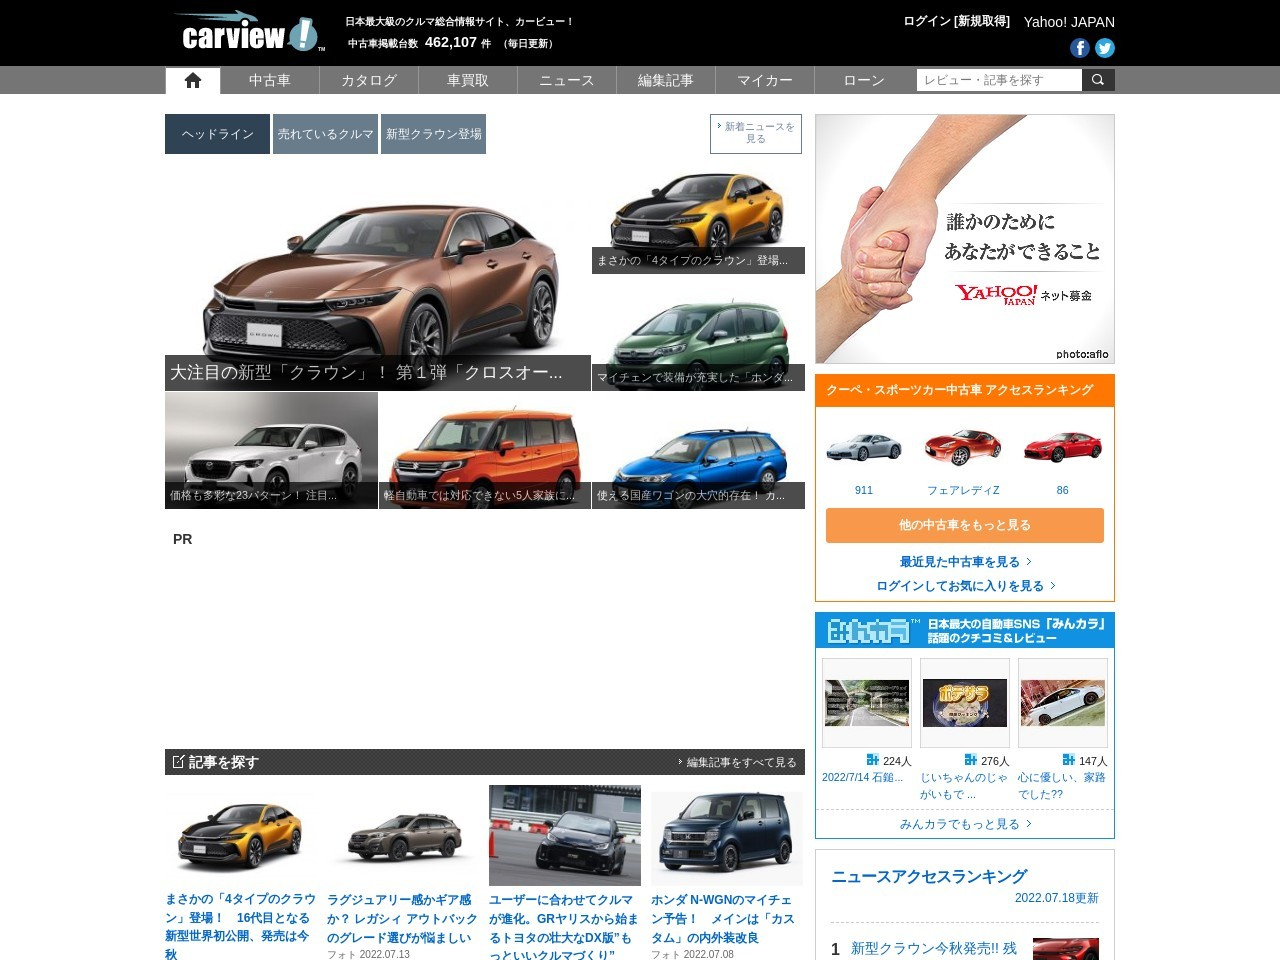 """コンパクトSUV """"最新売れ筋"""" & """"オススメの一台"""" ランキング"""